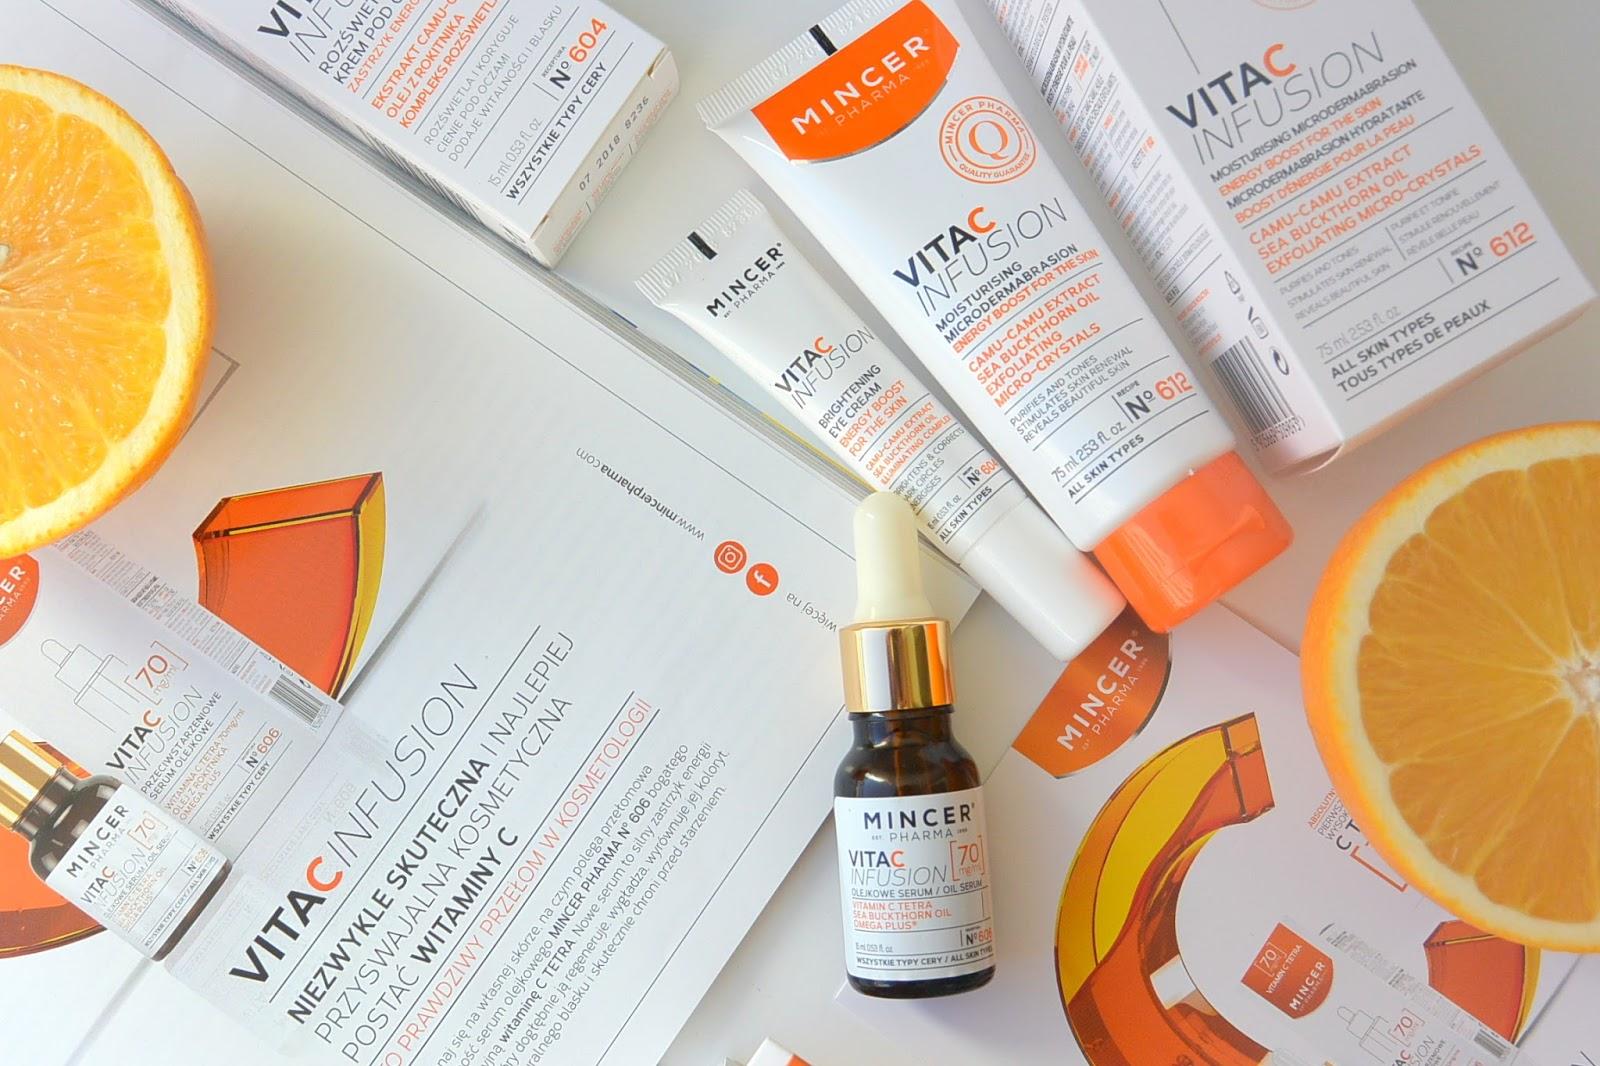 Zastrzyk energii dla skóry | VITA C INFUSION Mincer Pharma